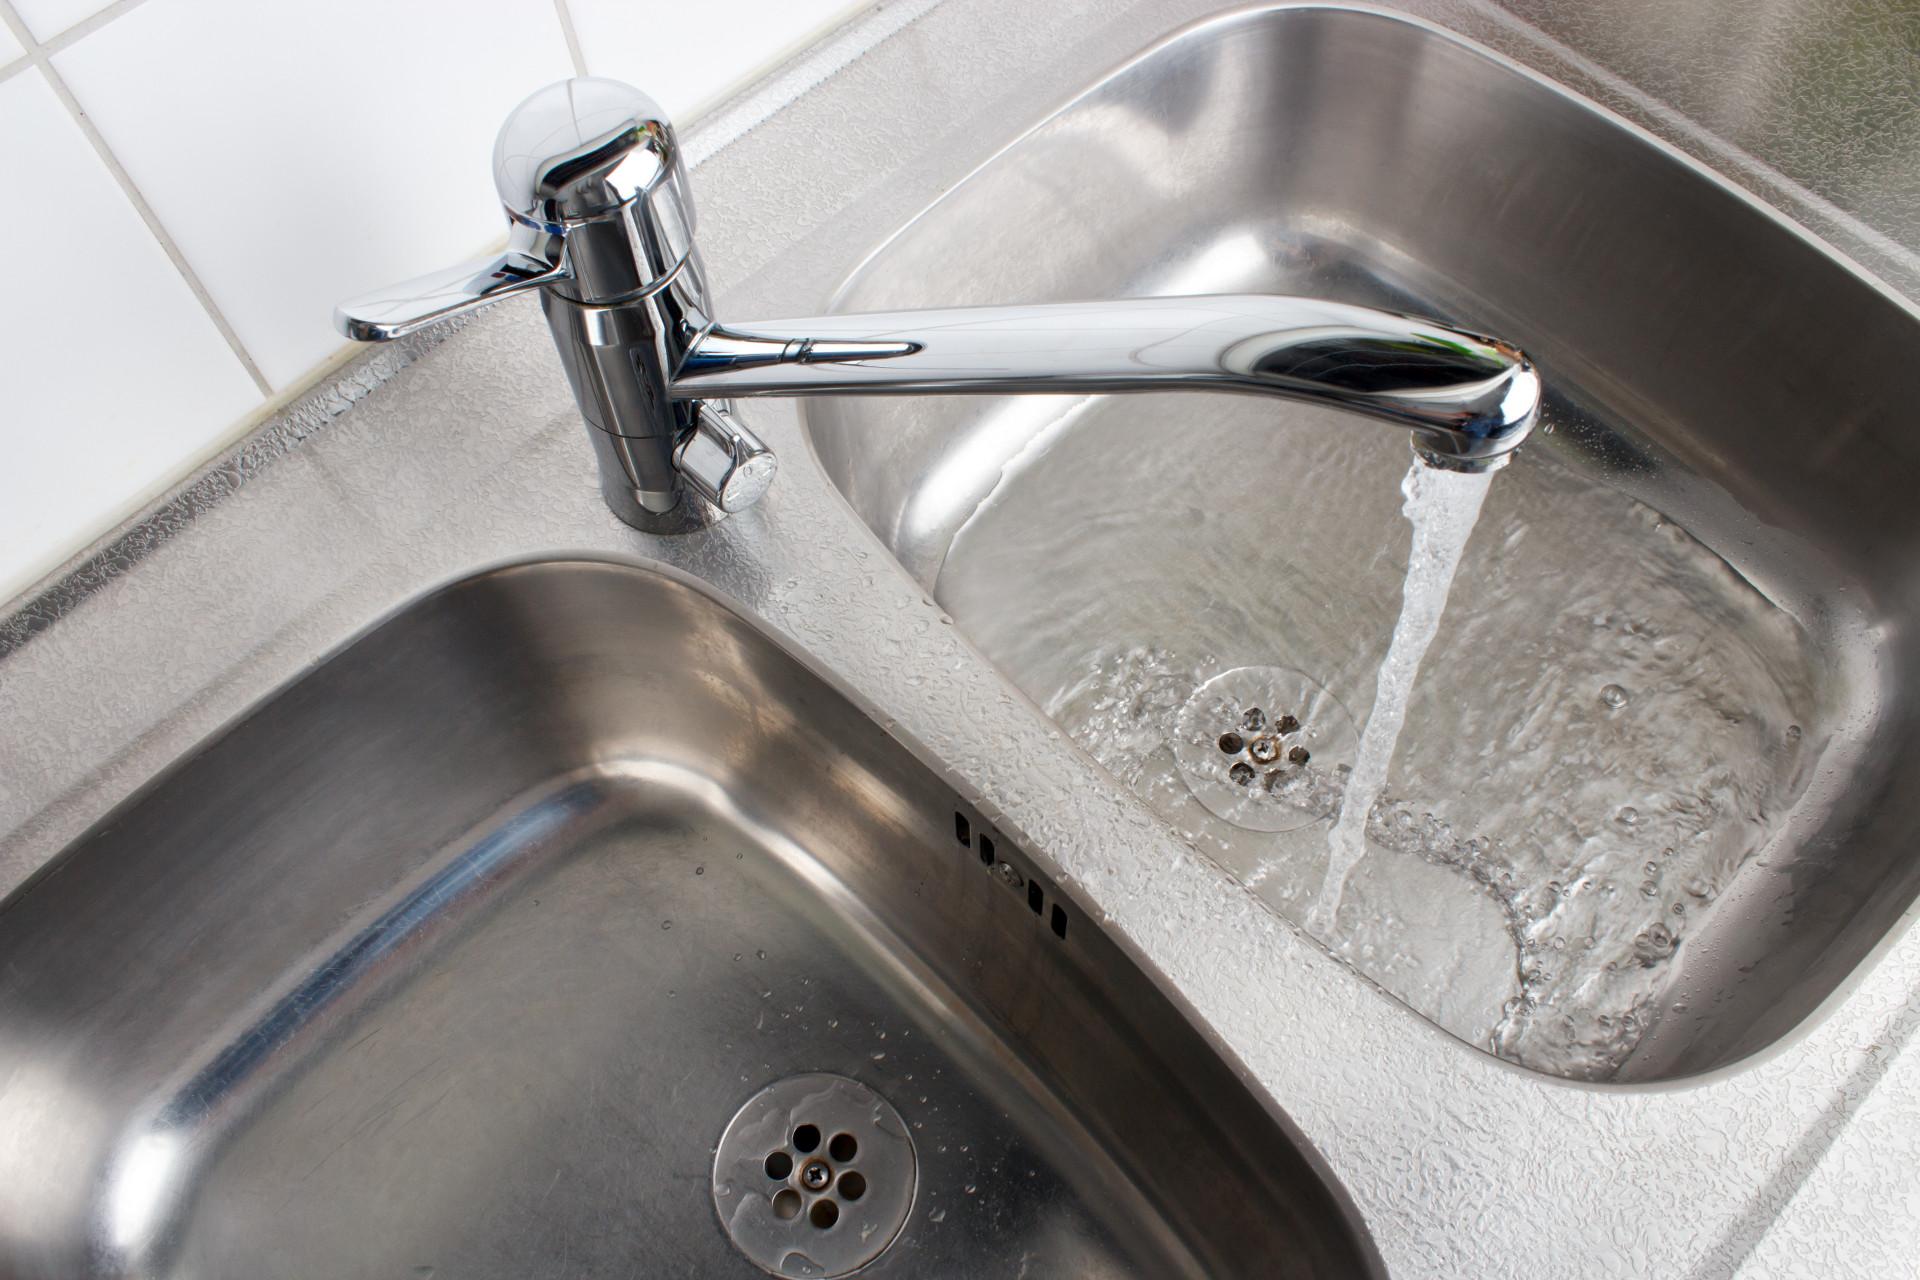 Sabia que estas coisas têm mais germes do que a sua casa de banho?